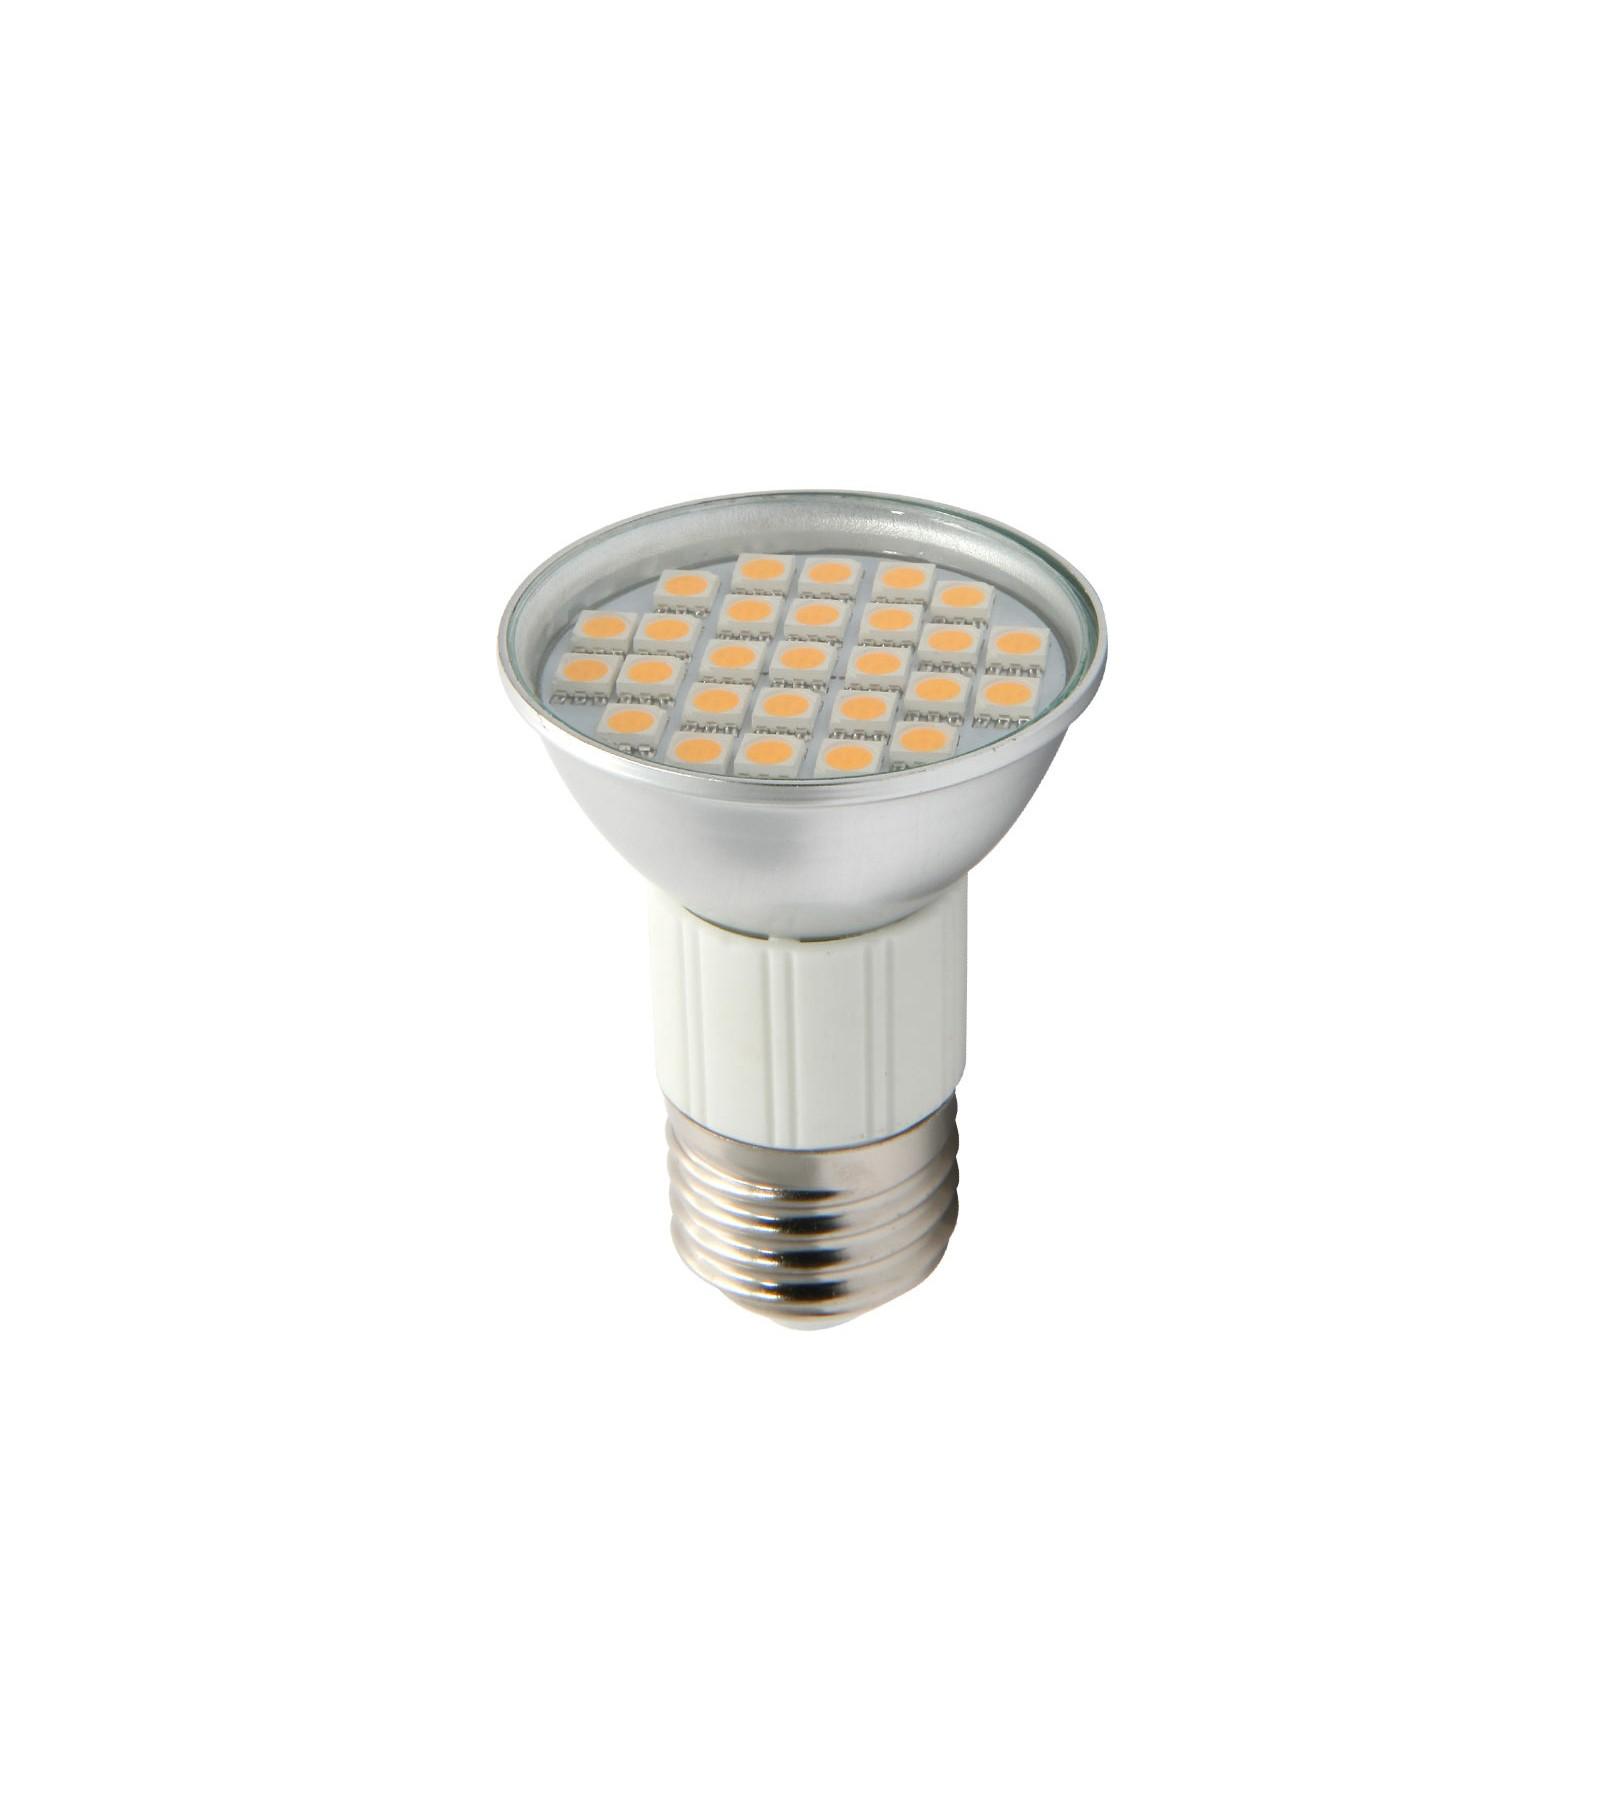 ampoule led e27 5w 380lm quiv 50w blanc chaud 120 led line ampoule e27 siageo. Black Bedroom Furniture Sets. Home Design Ideas